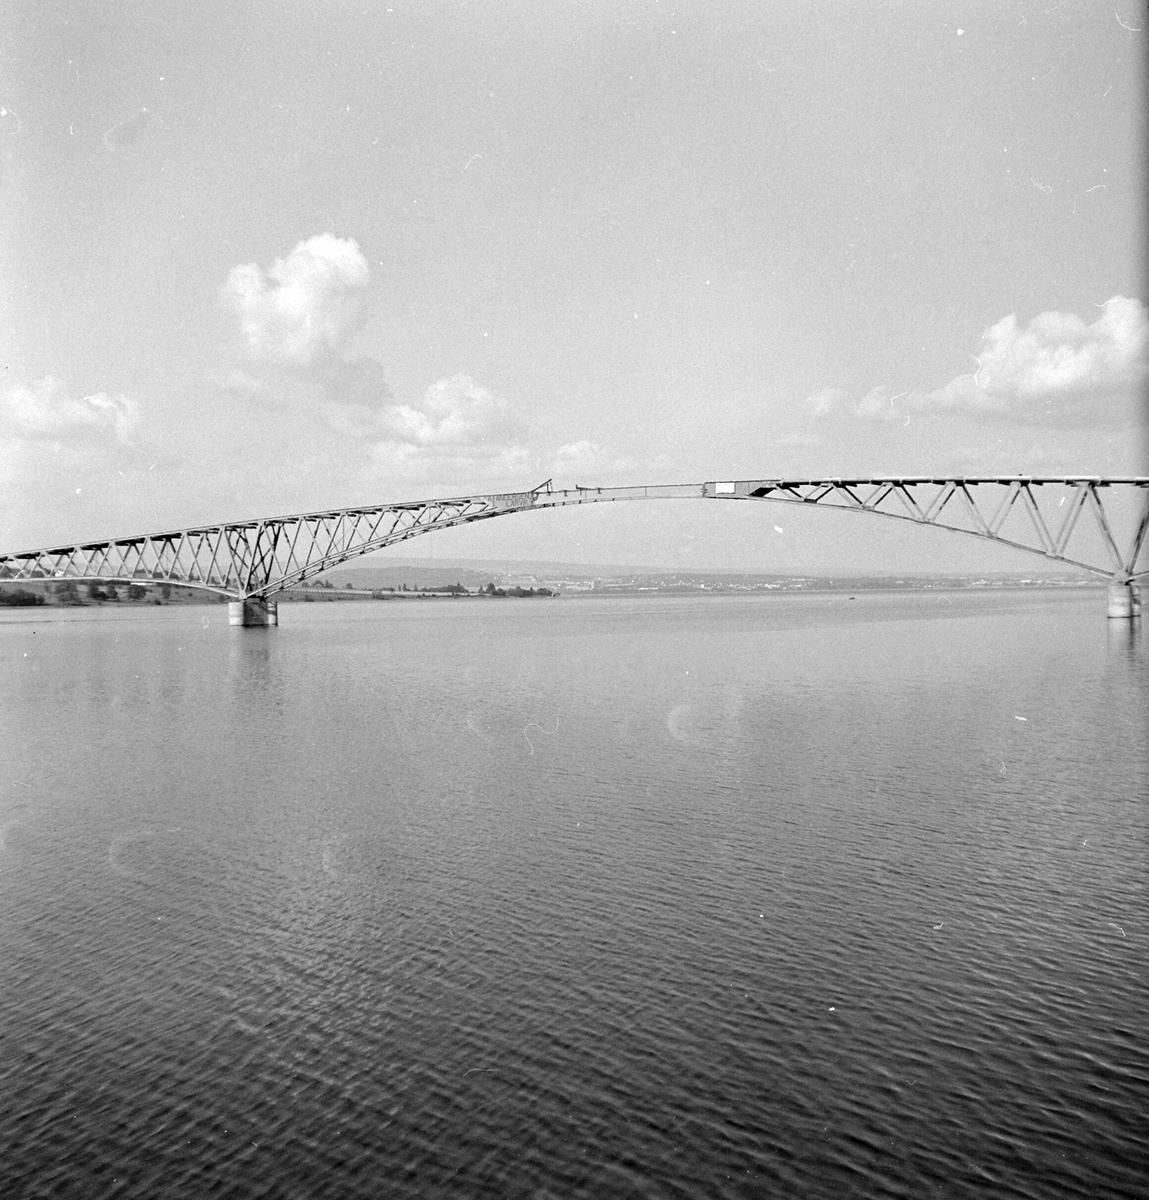 Nessundet bru mellom Tingnes og Helgøya. Åpnet 1957.